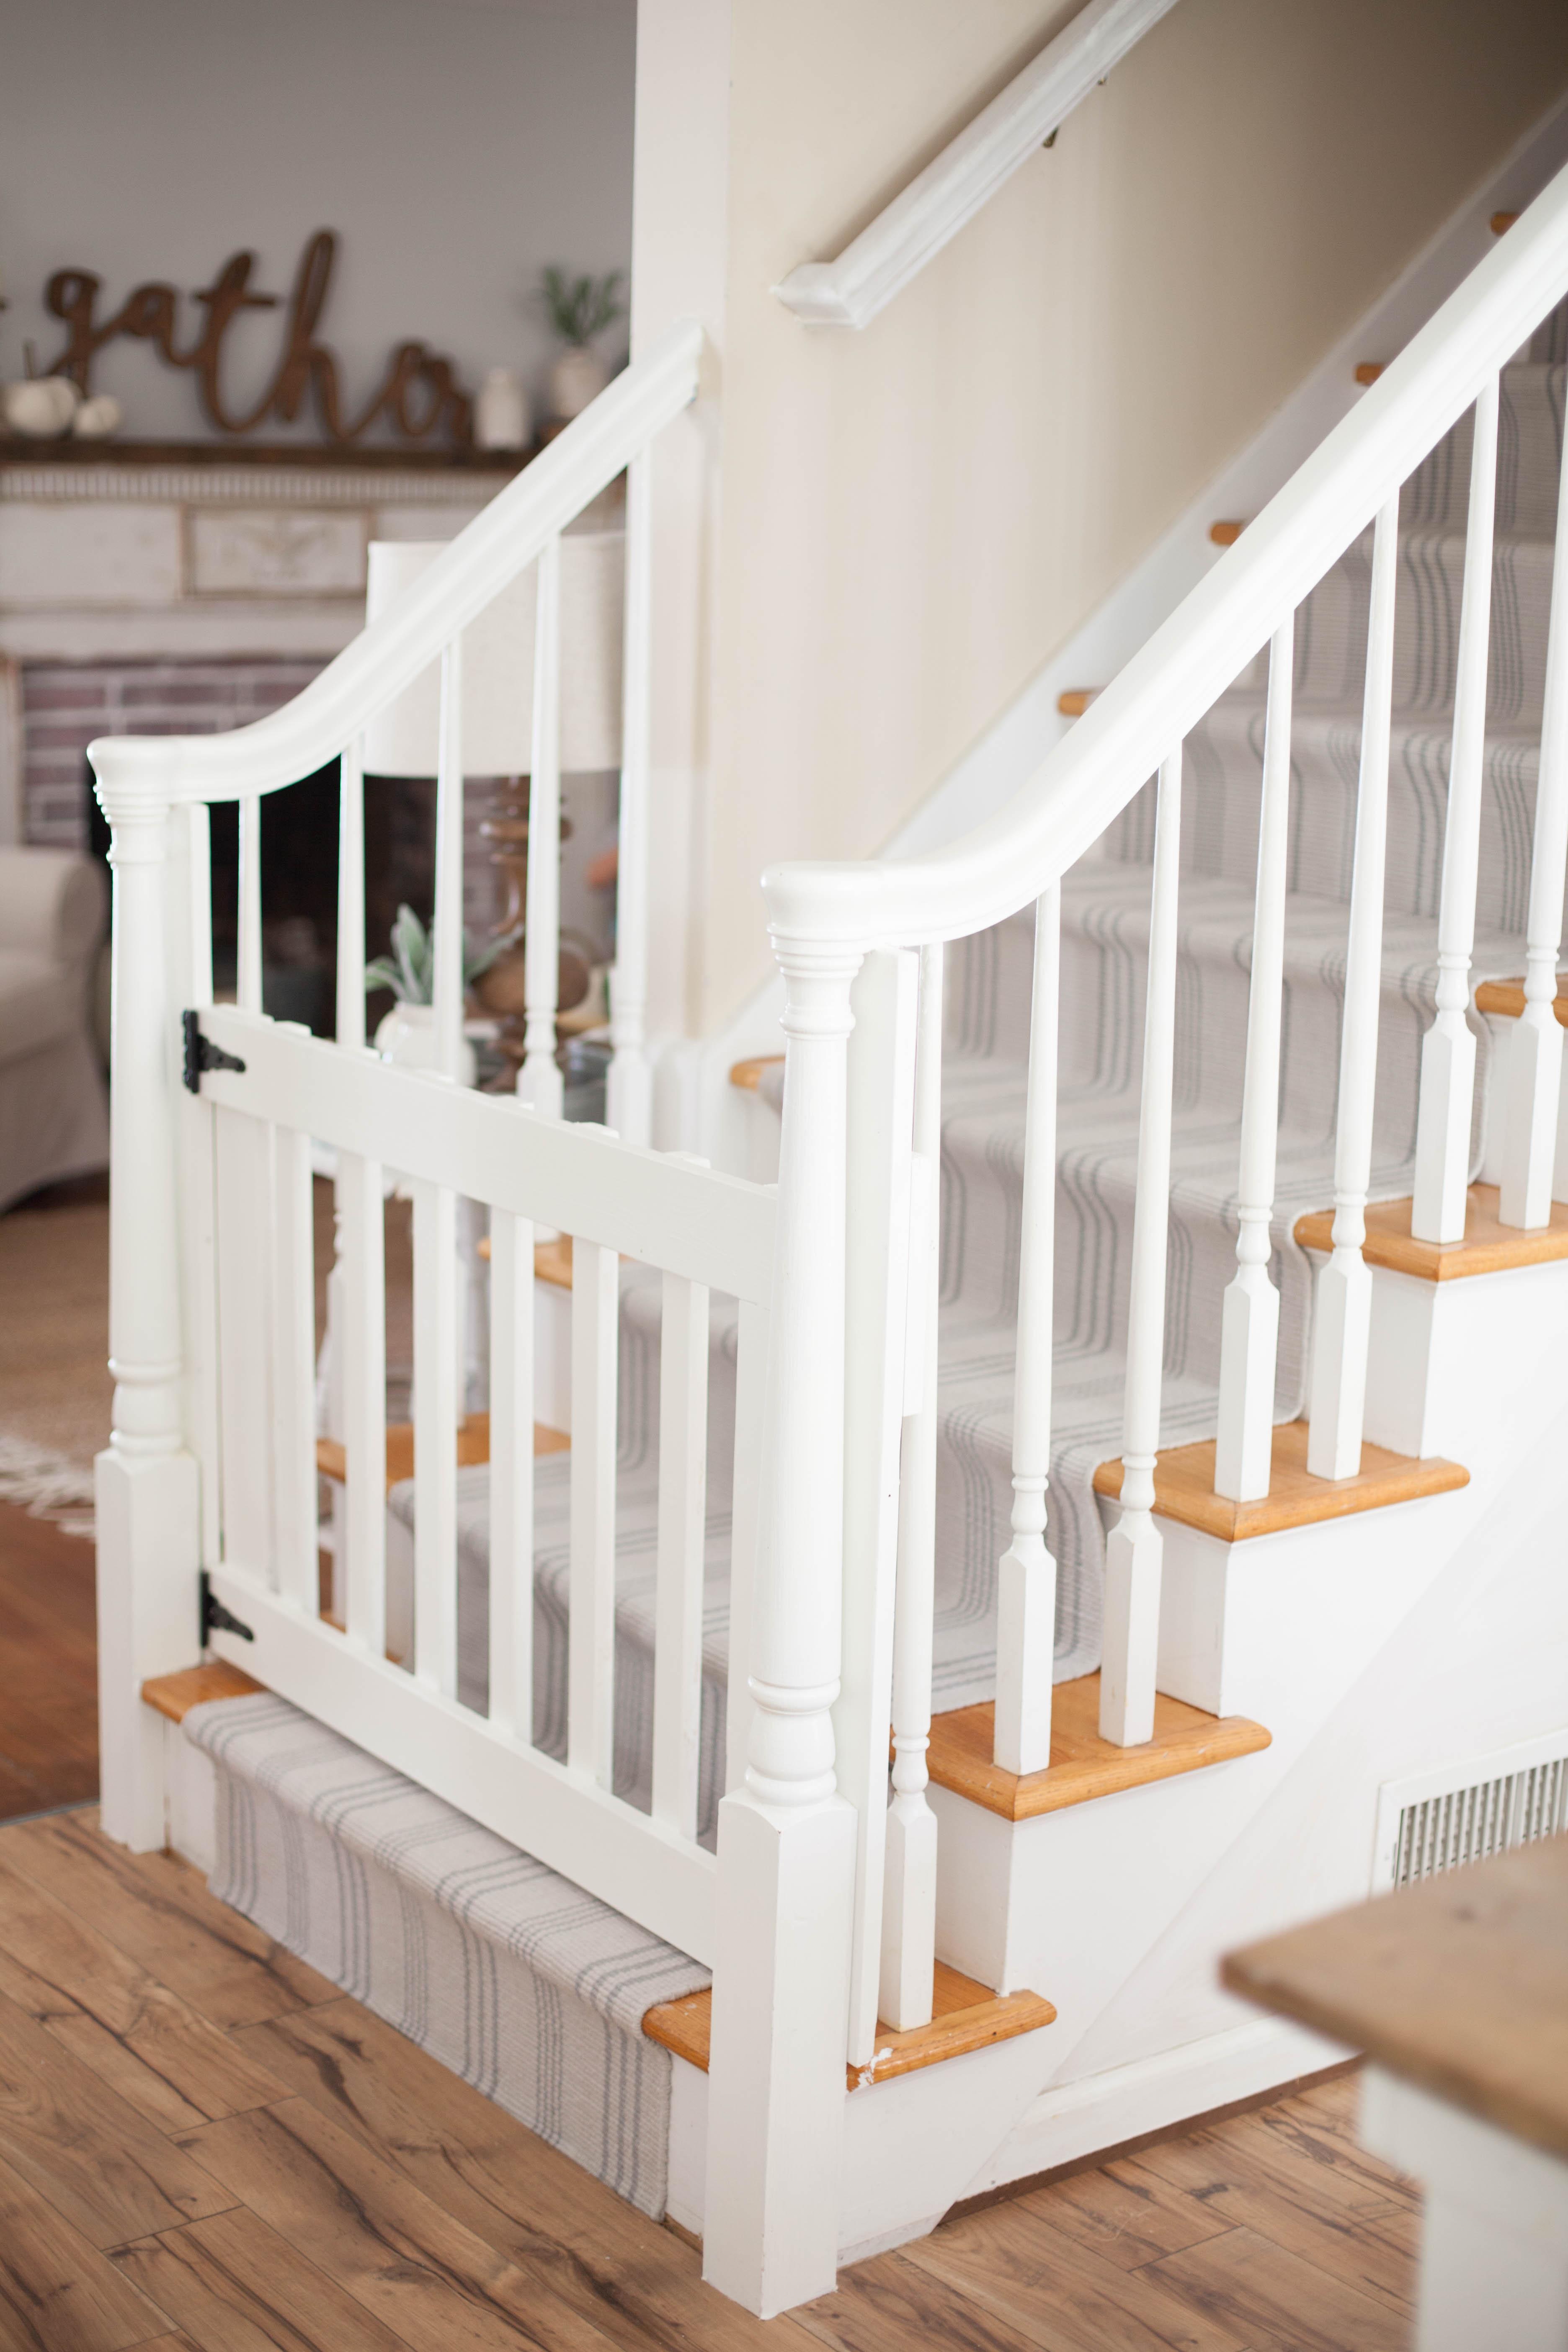 Advent Calendar Homemade : Home diy stair runner lauren mcbride